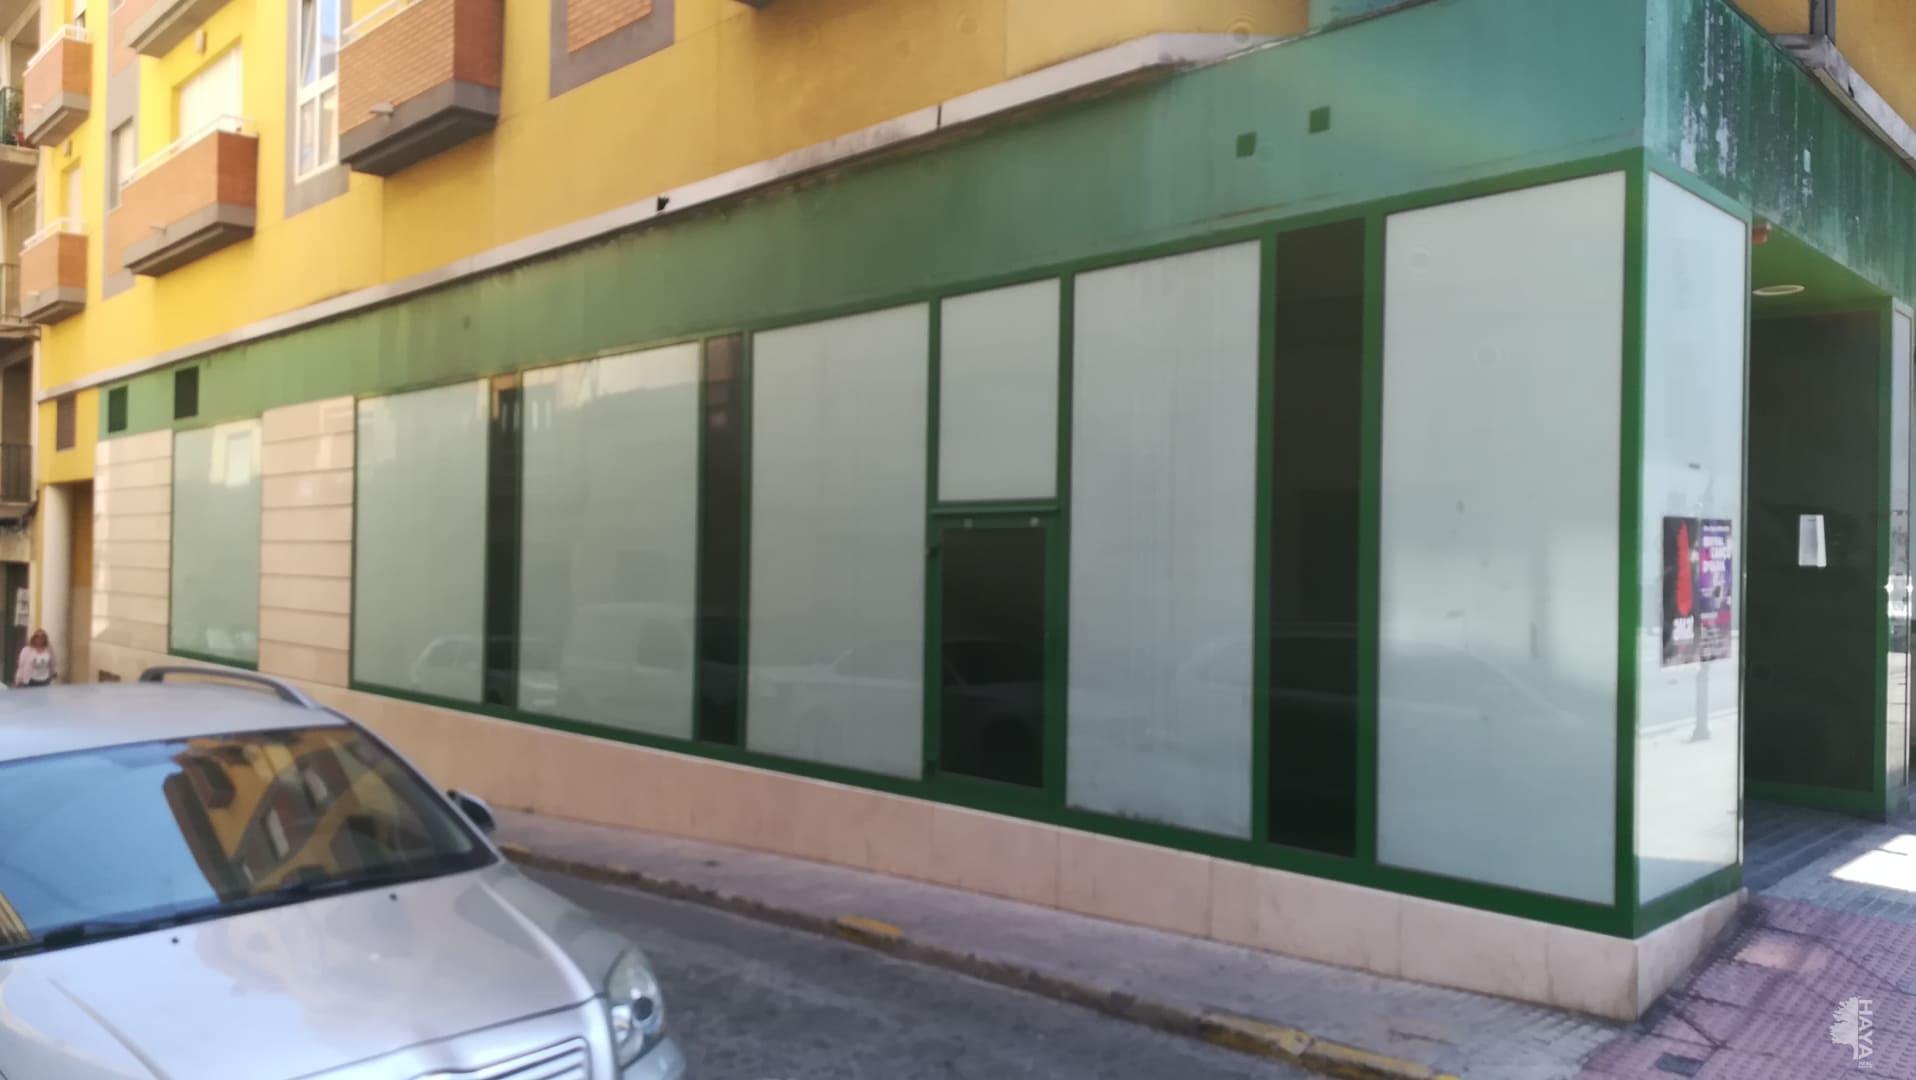 Local en venta en Oliva, Valencia, Calle Convent, 394.354 €, 184 m2